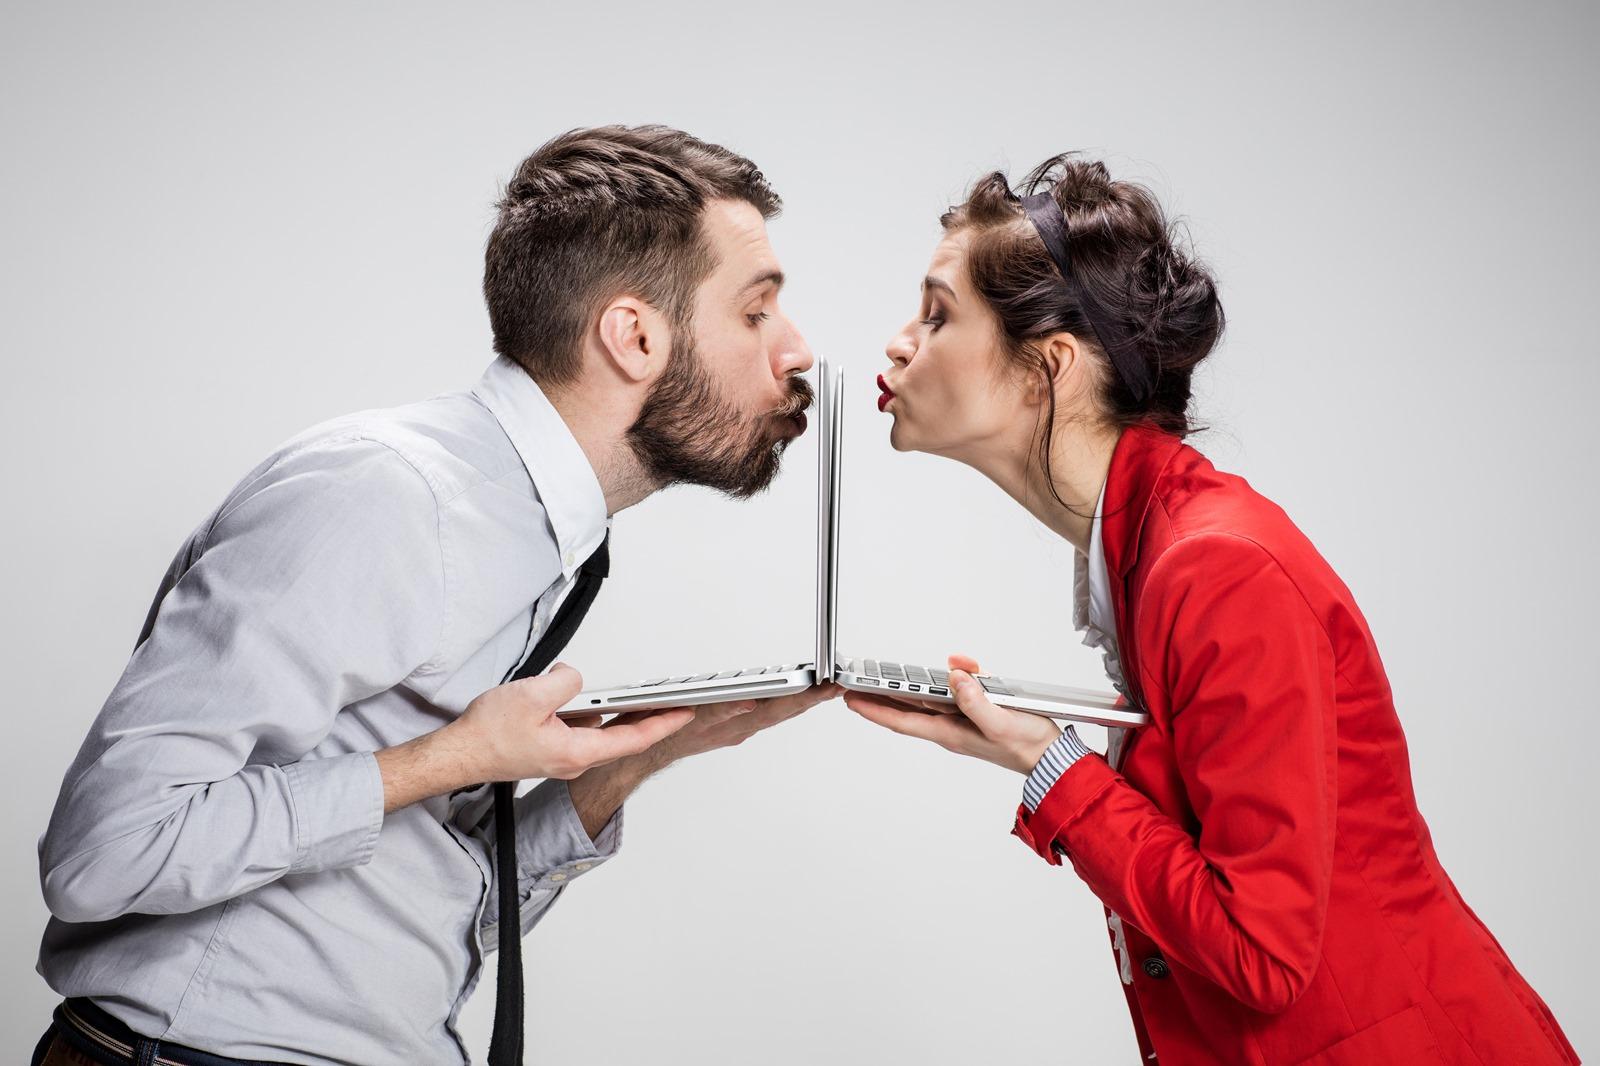 Partneragentur finden - Tipps und Tricks